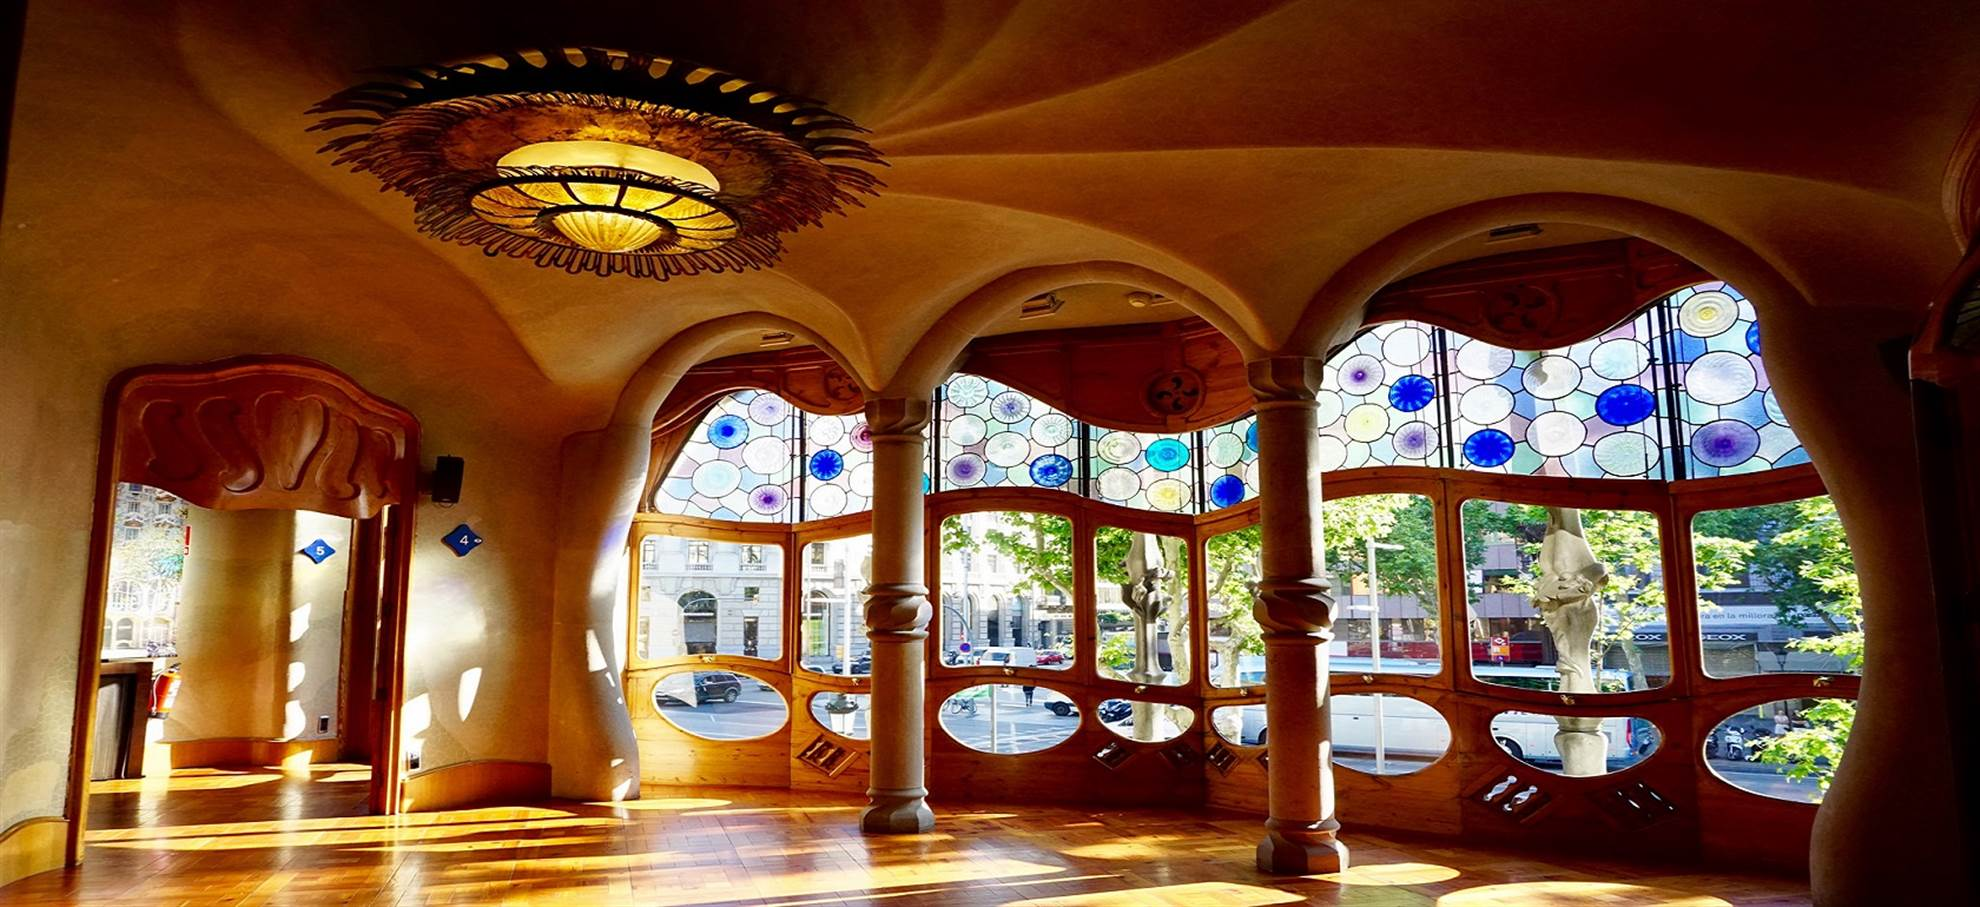 Casa Batlló Gold Ticket (Acesso VIP)